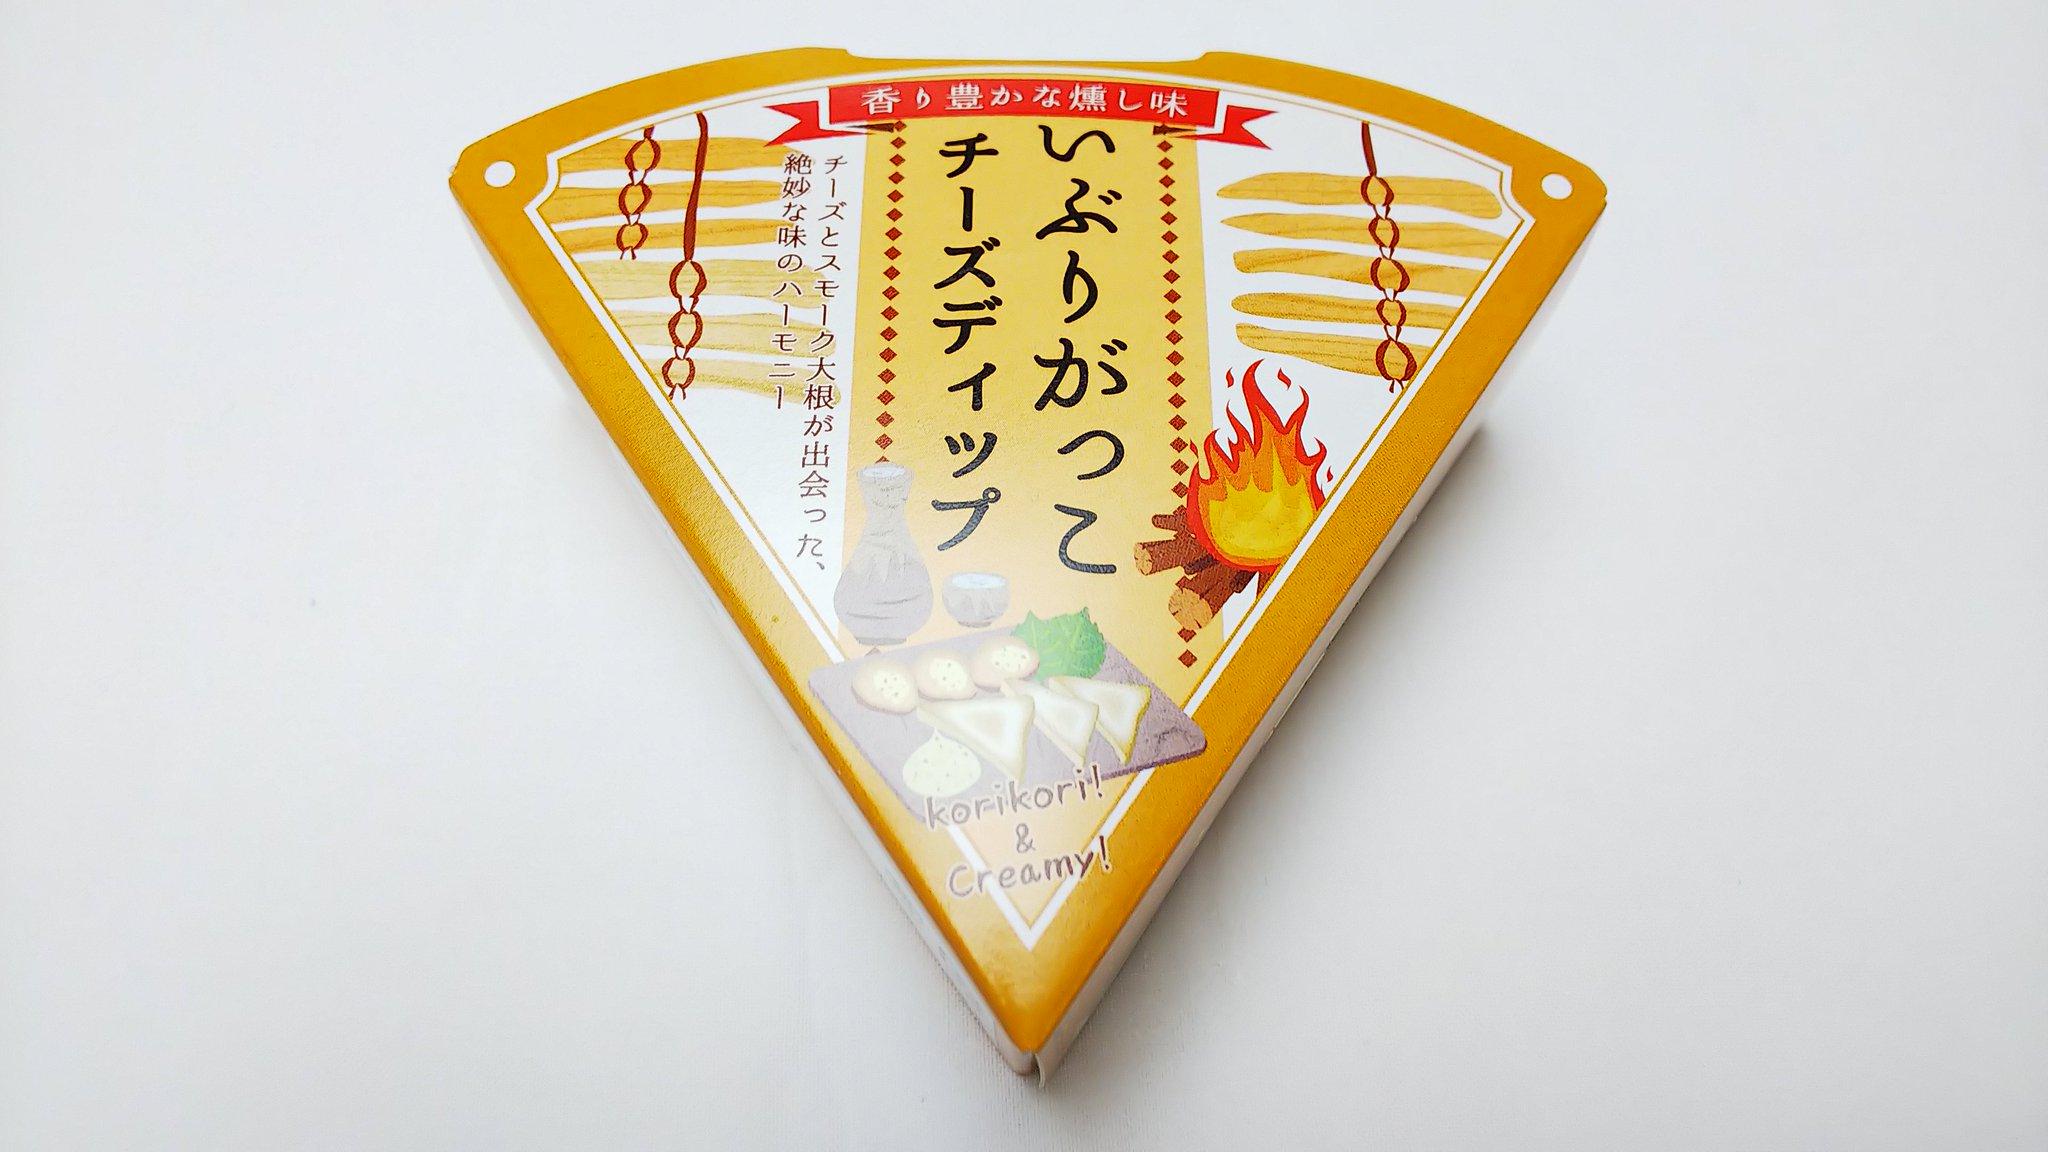 チーズ好きが 「ああああああああああぁぁぁぁぁ!!!!!」 ってなりそうな商品、新発売でございます!